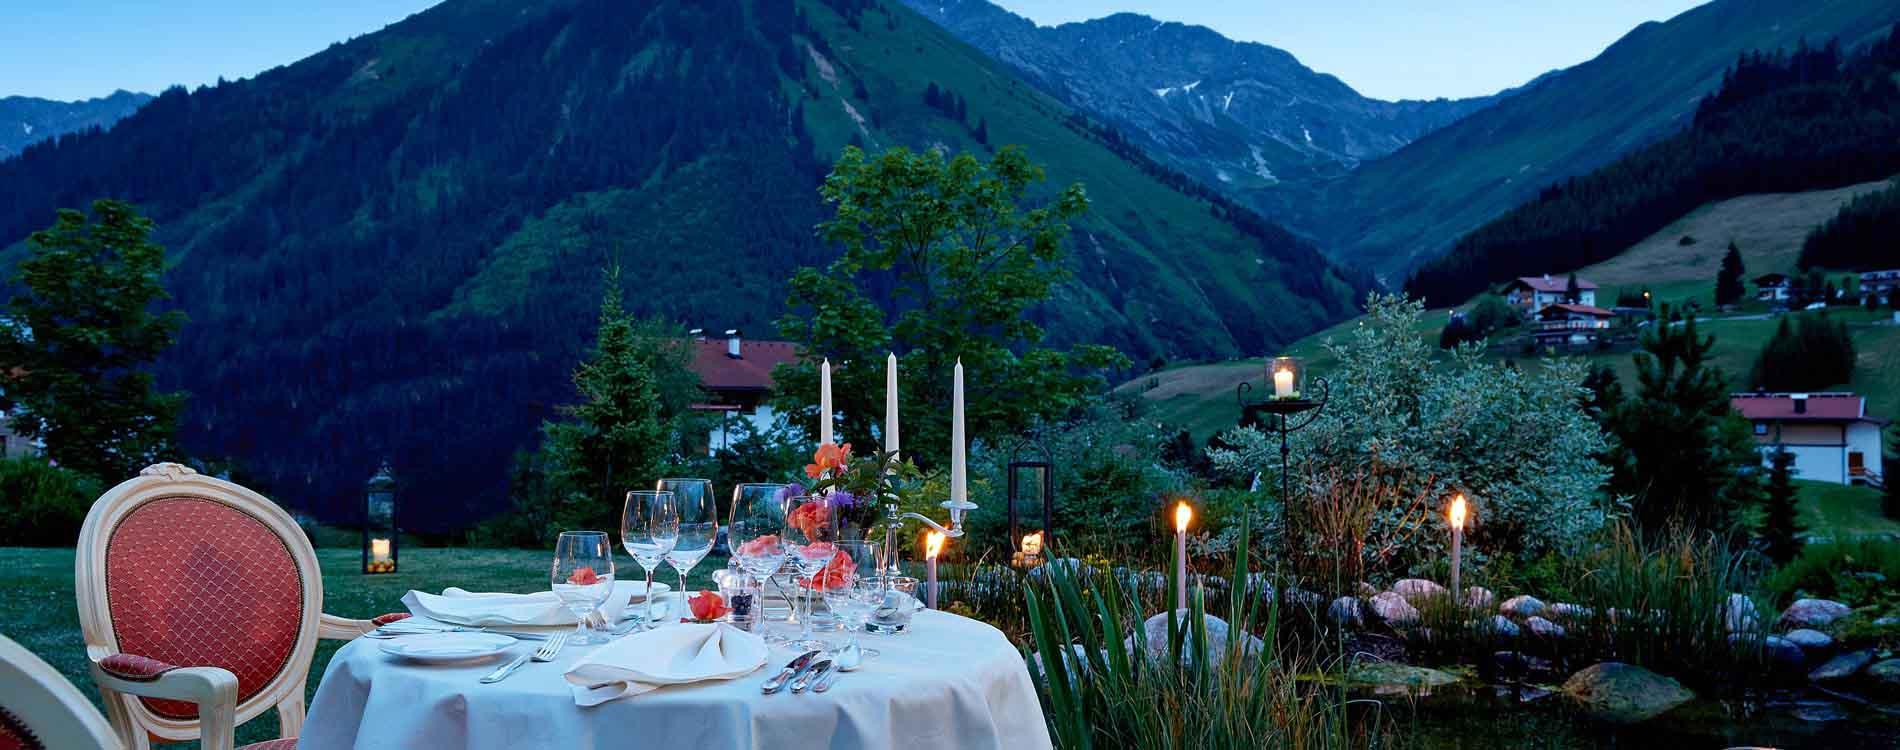 romantic summer nights� dream in berwang in tyrol